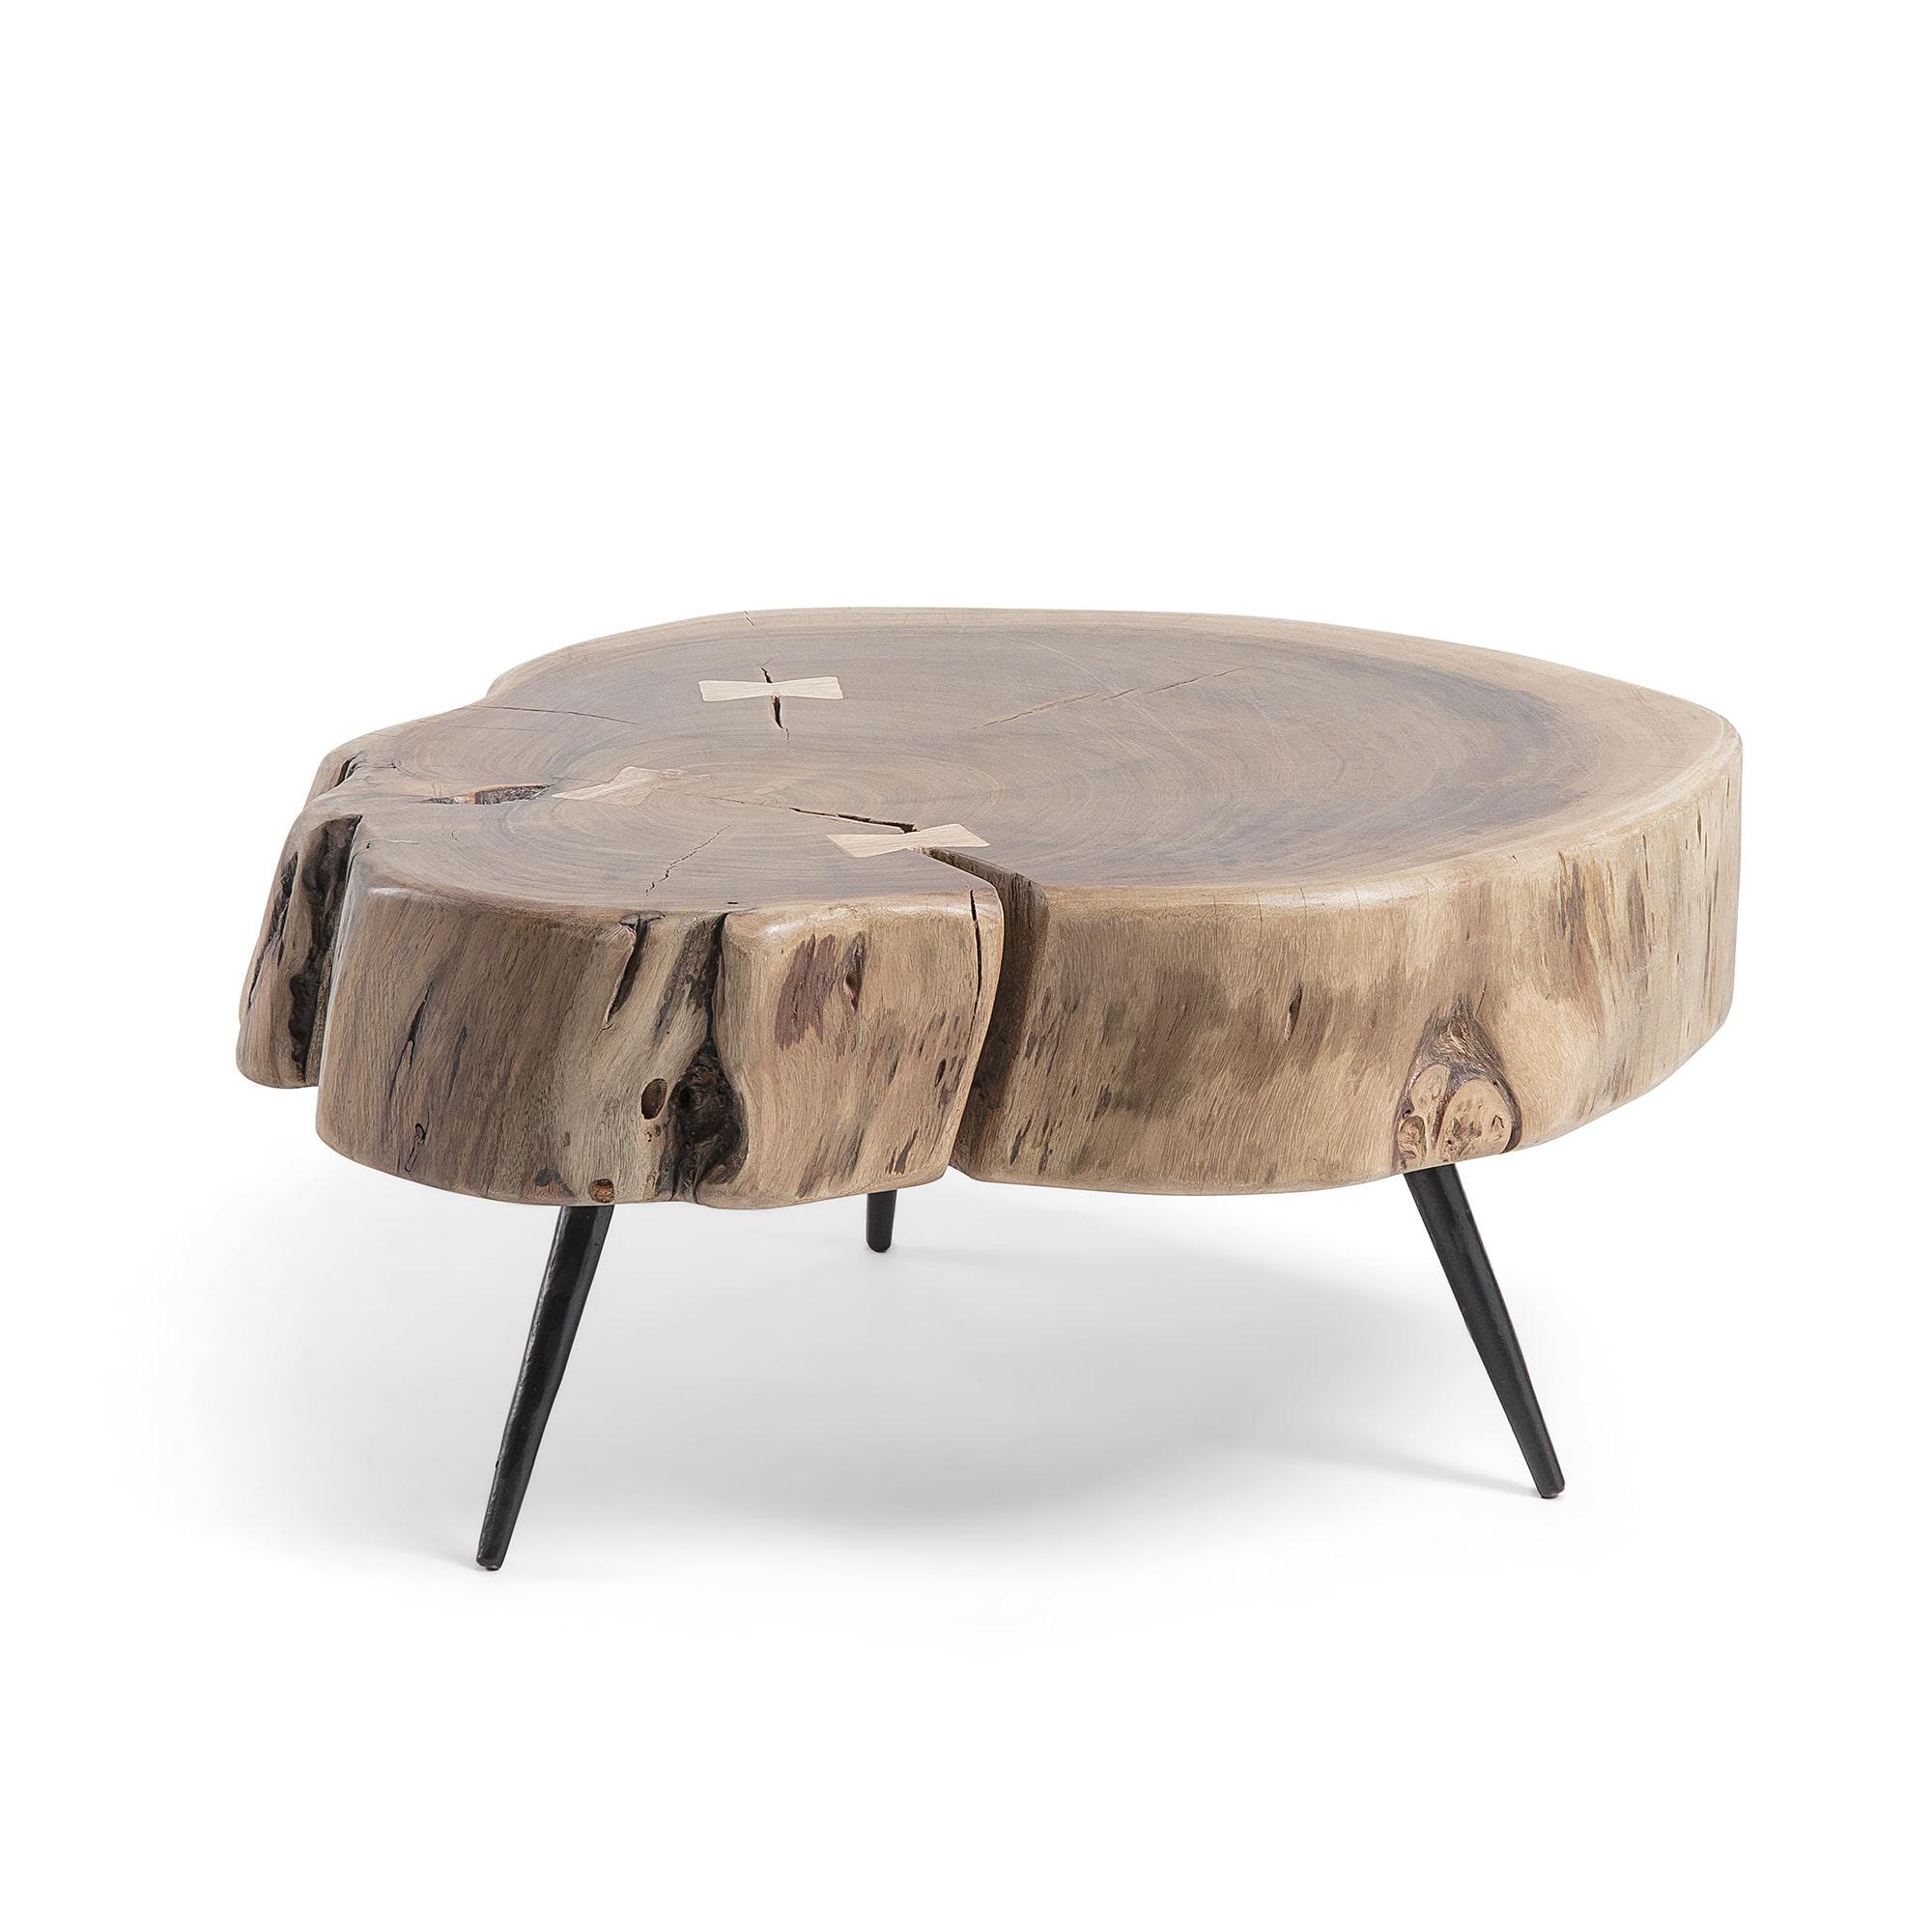 Uw partner in meubels: Kave Home Bijzettafel 'Eider' 49 x 47cm Tafels | Bijzettafels